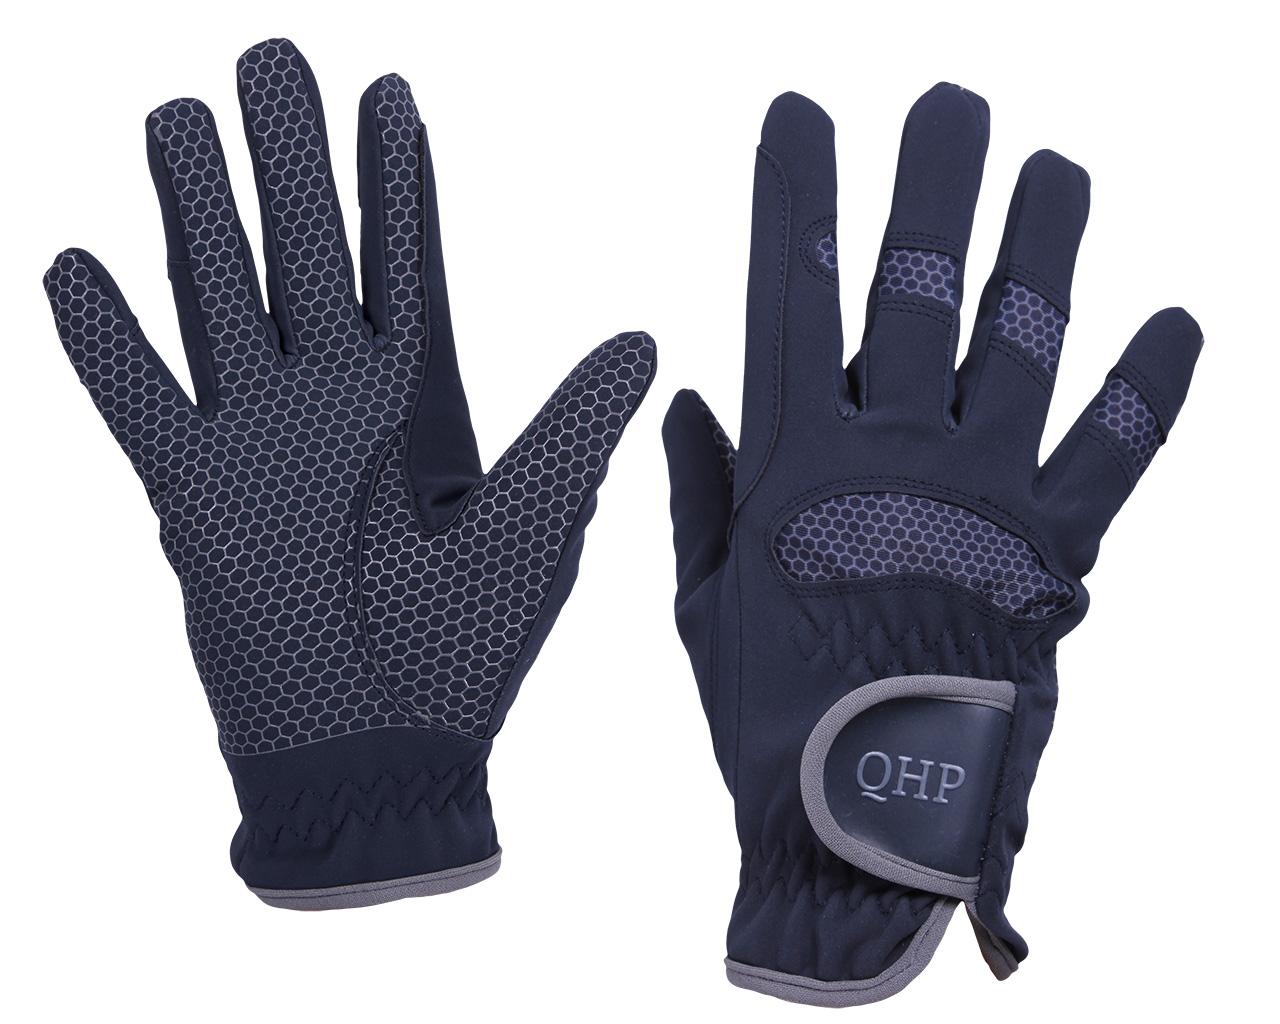 QHP Handschoen Multi Hexagon